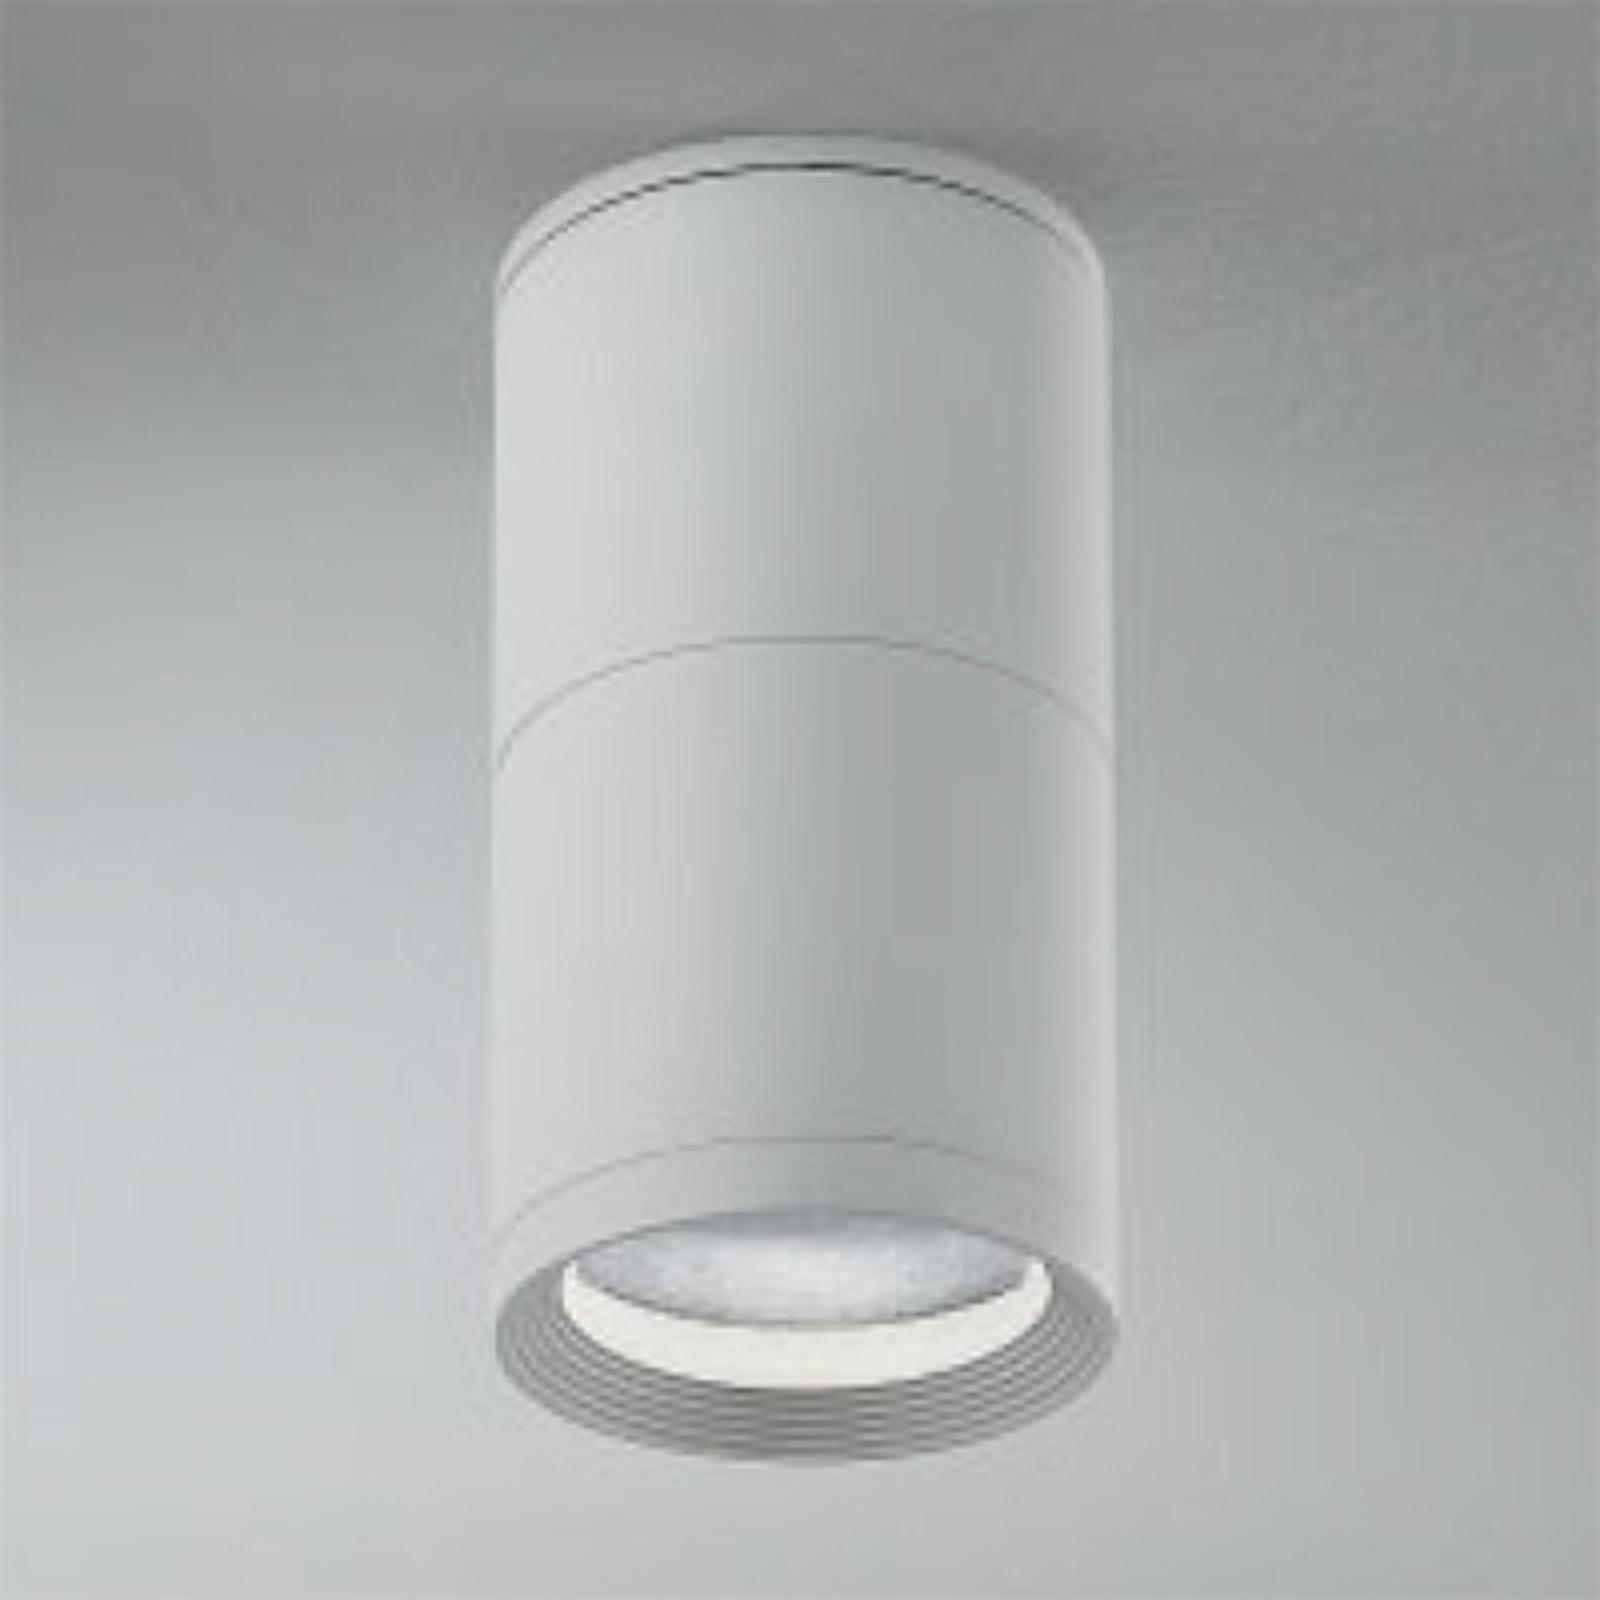 Spot pour plafond moderne CL 15 blanc